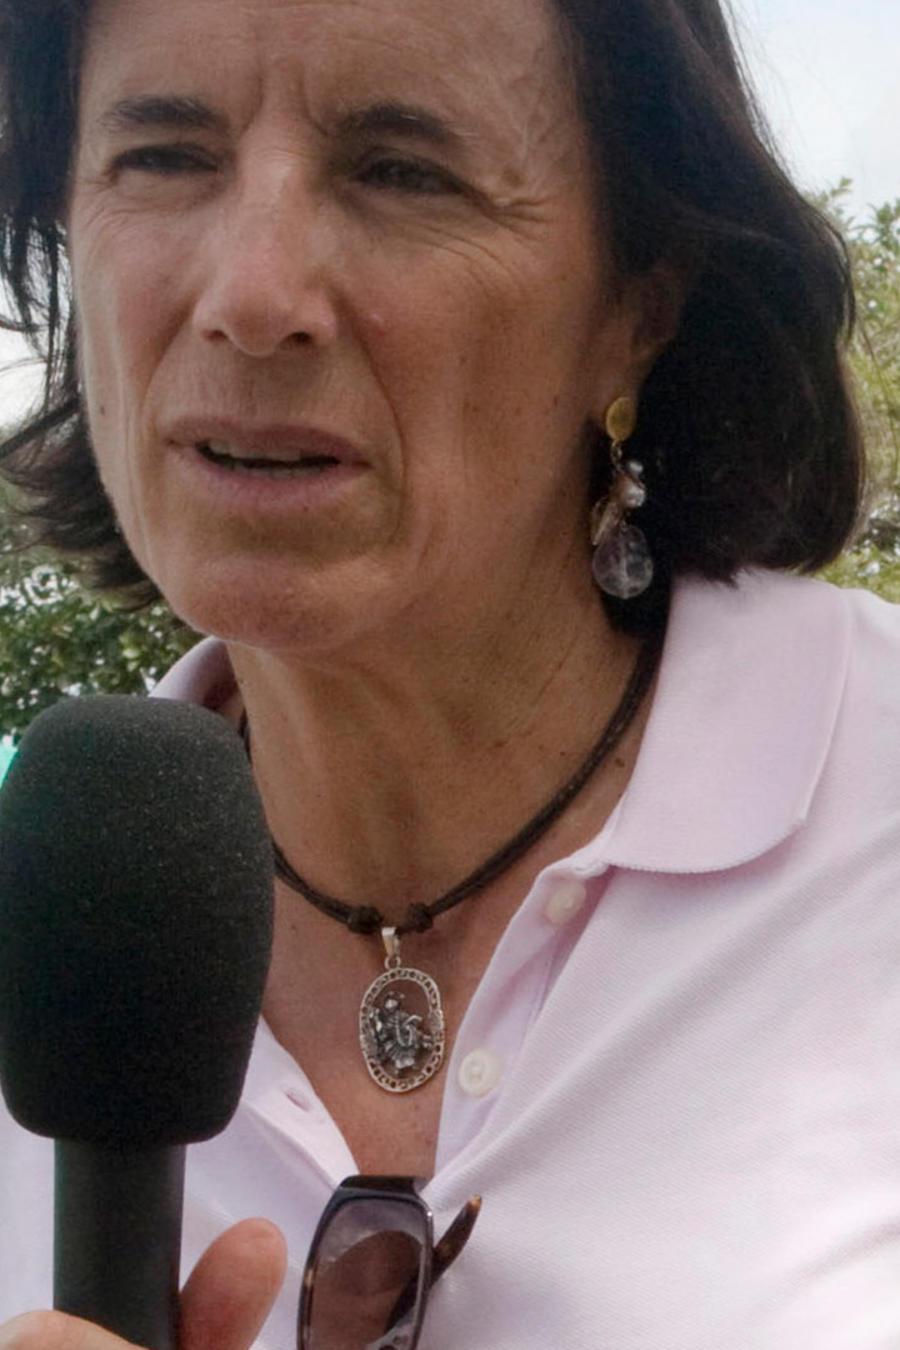 Esta fotografía sin fecha cortesía del diario El Tiempo muestra a Salud Hernández-Mora, corresponsal en Colombia de El Mundo de España y columnista del diario El Tiempo de Bogotá, trabajando en un lugar desconocido de Colombia.